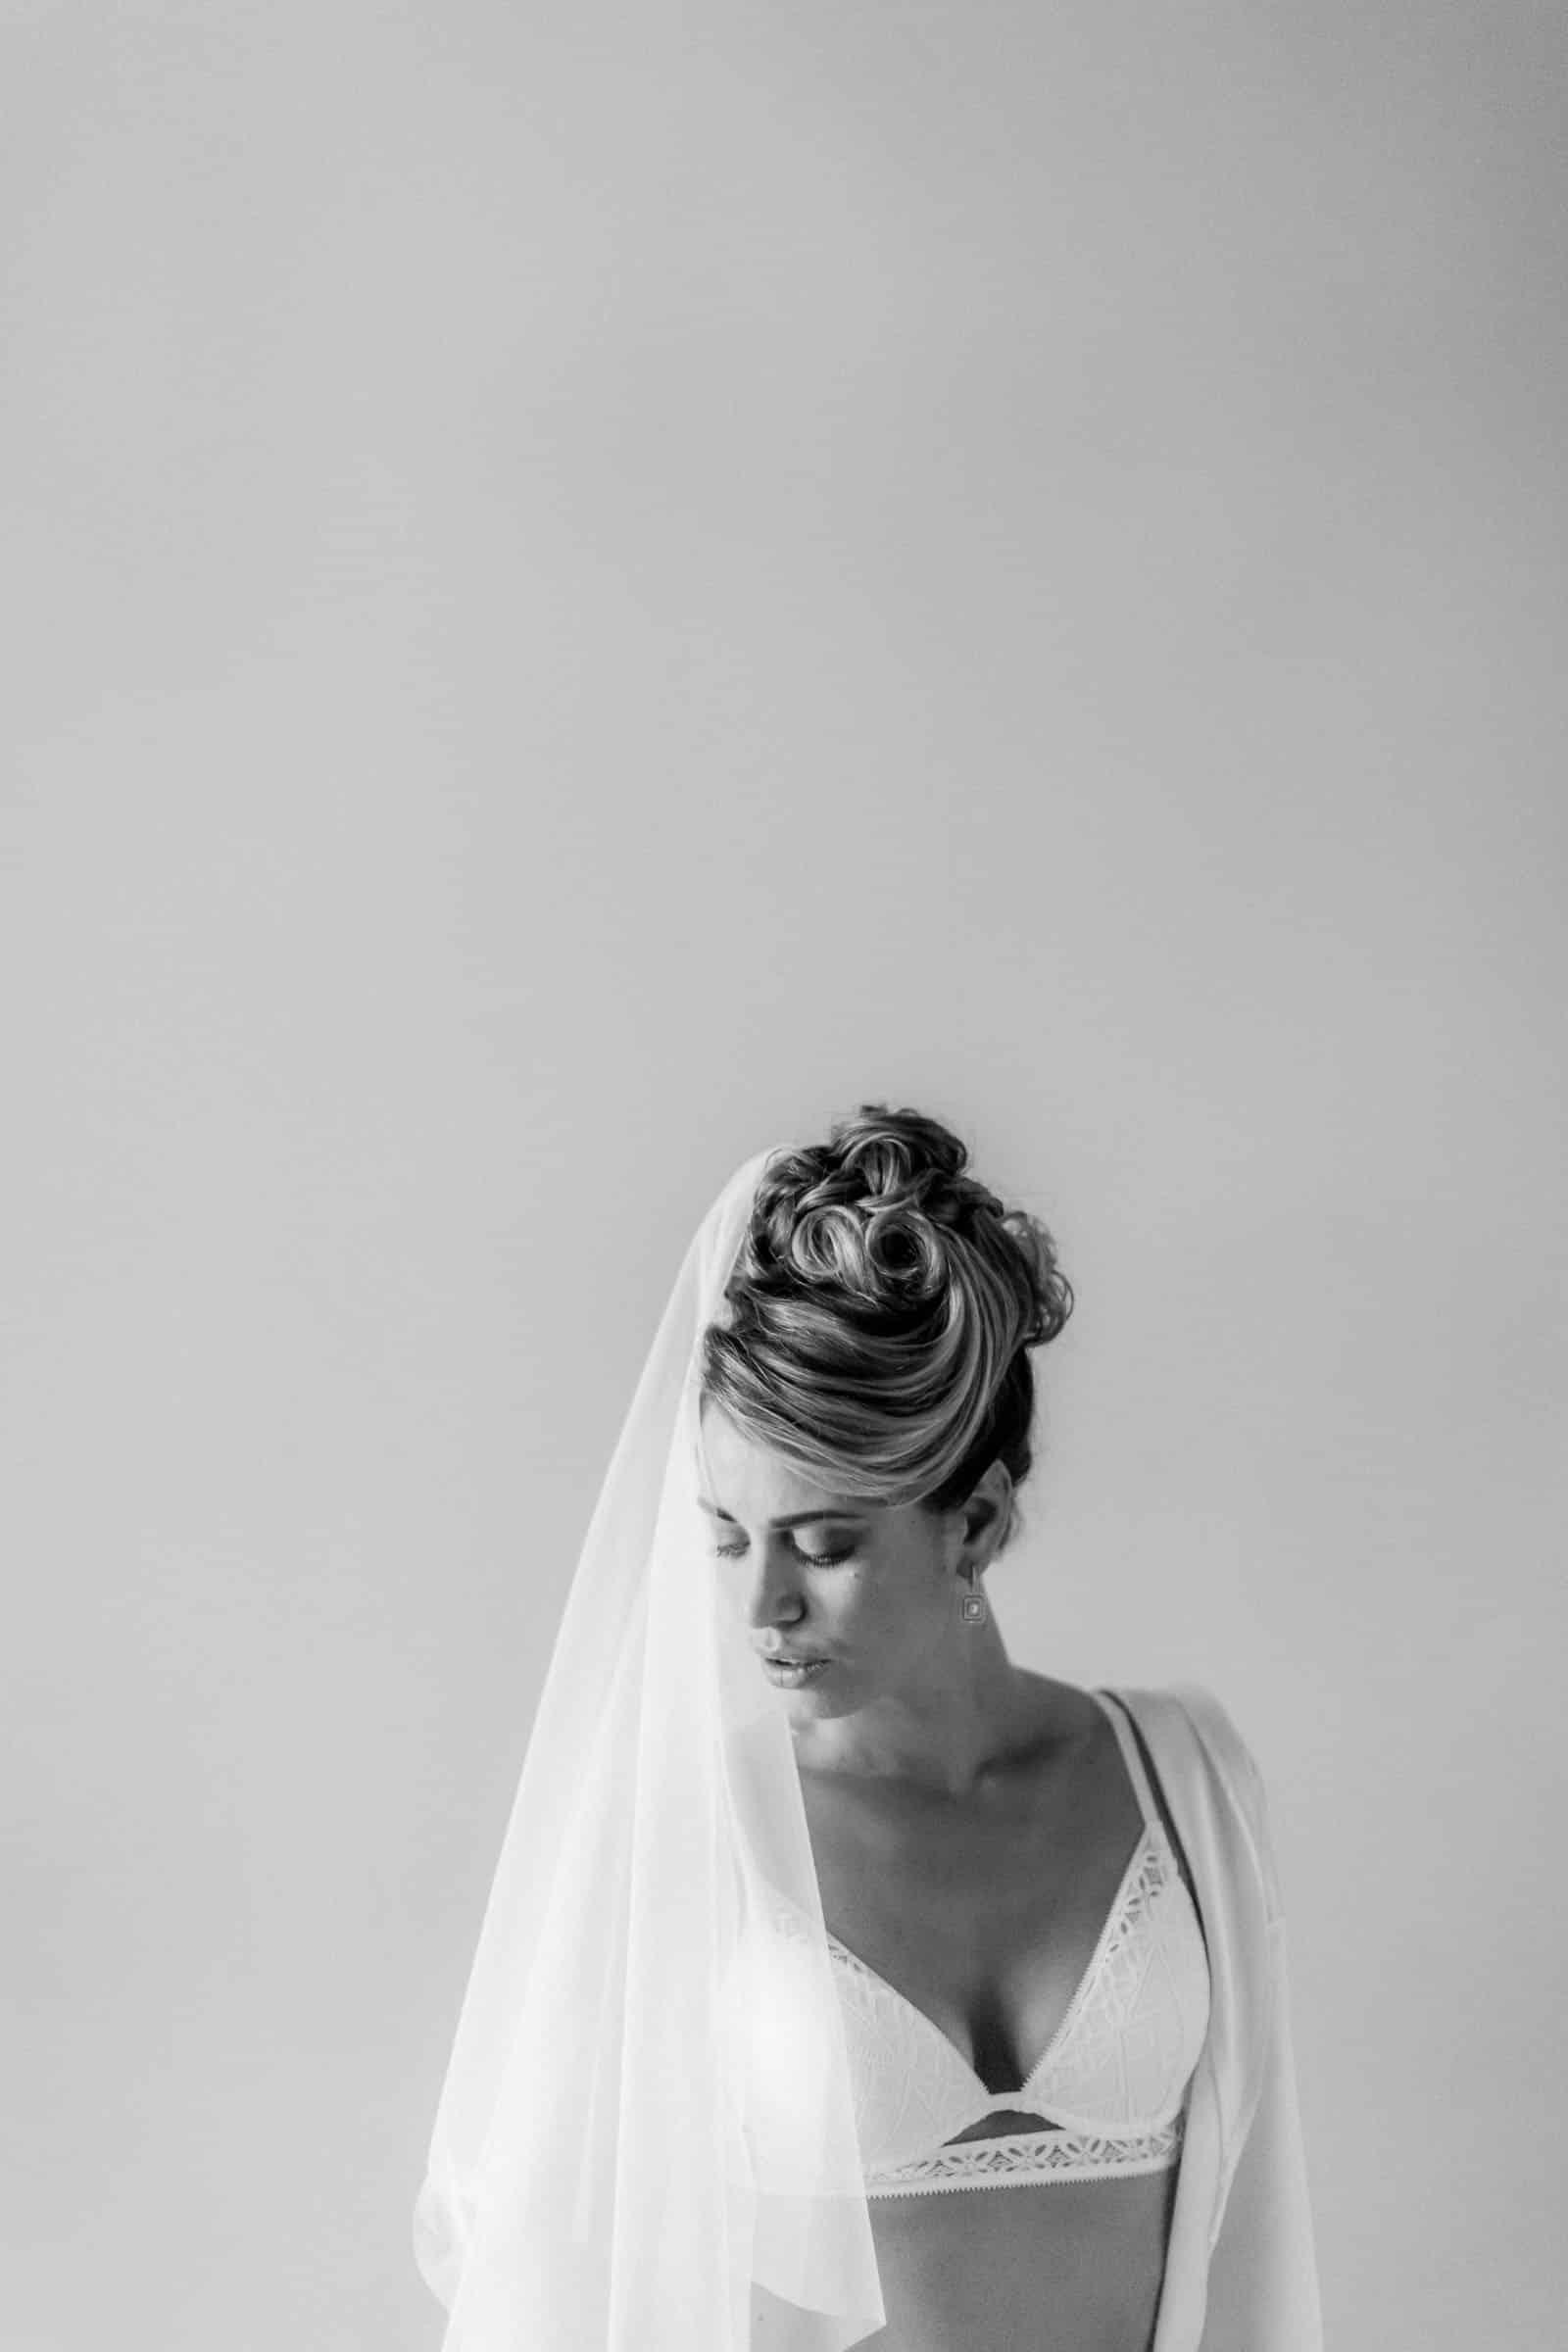 Photographie de Mathieu Dété présentant un portrait boudoir dénudé de la mariée dans la Villa Brignac